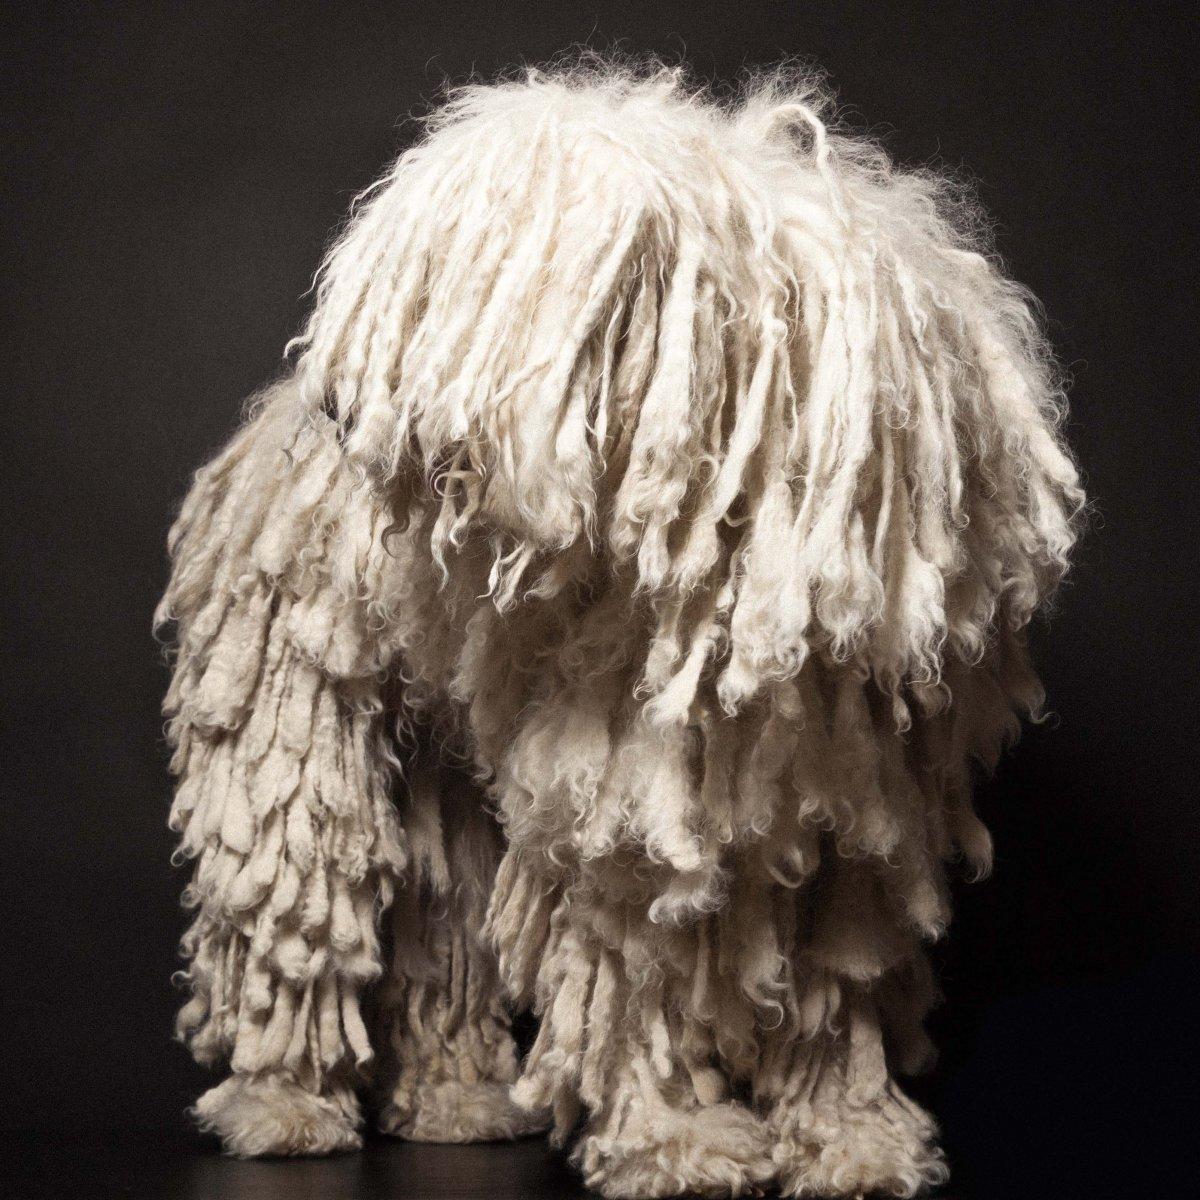 Concurso de moda canina mostra porque os cães mordem gente 04